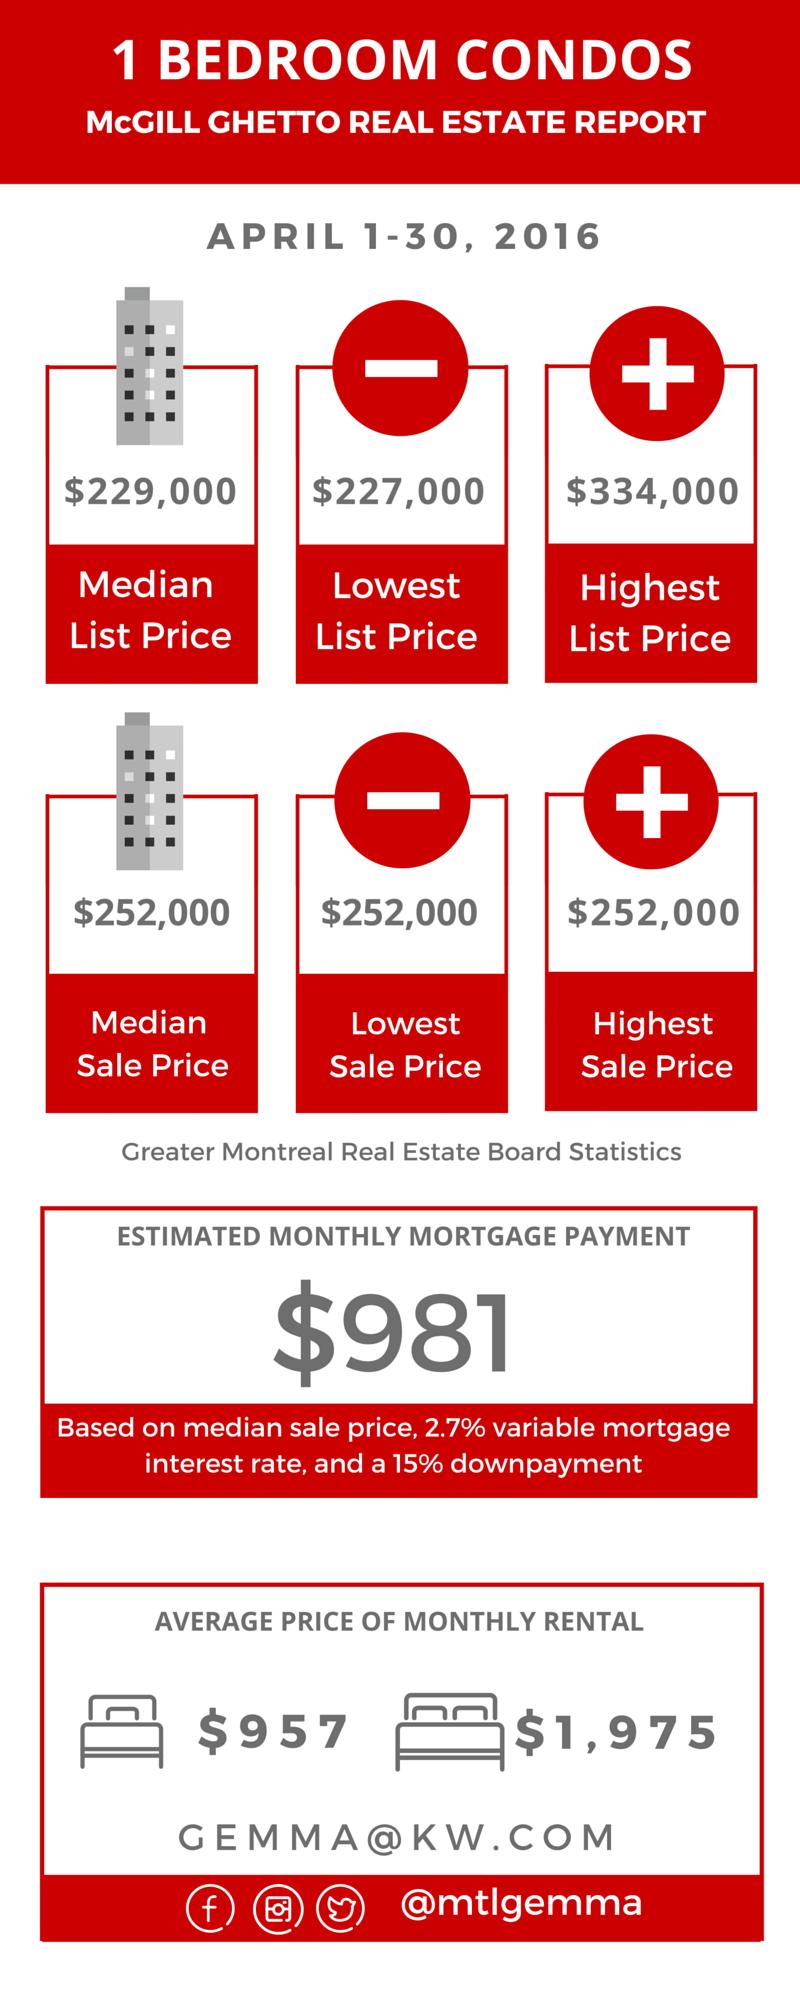 McGill Ghetto Real Estate Report April 2016 02